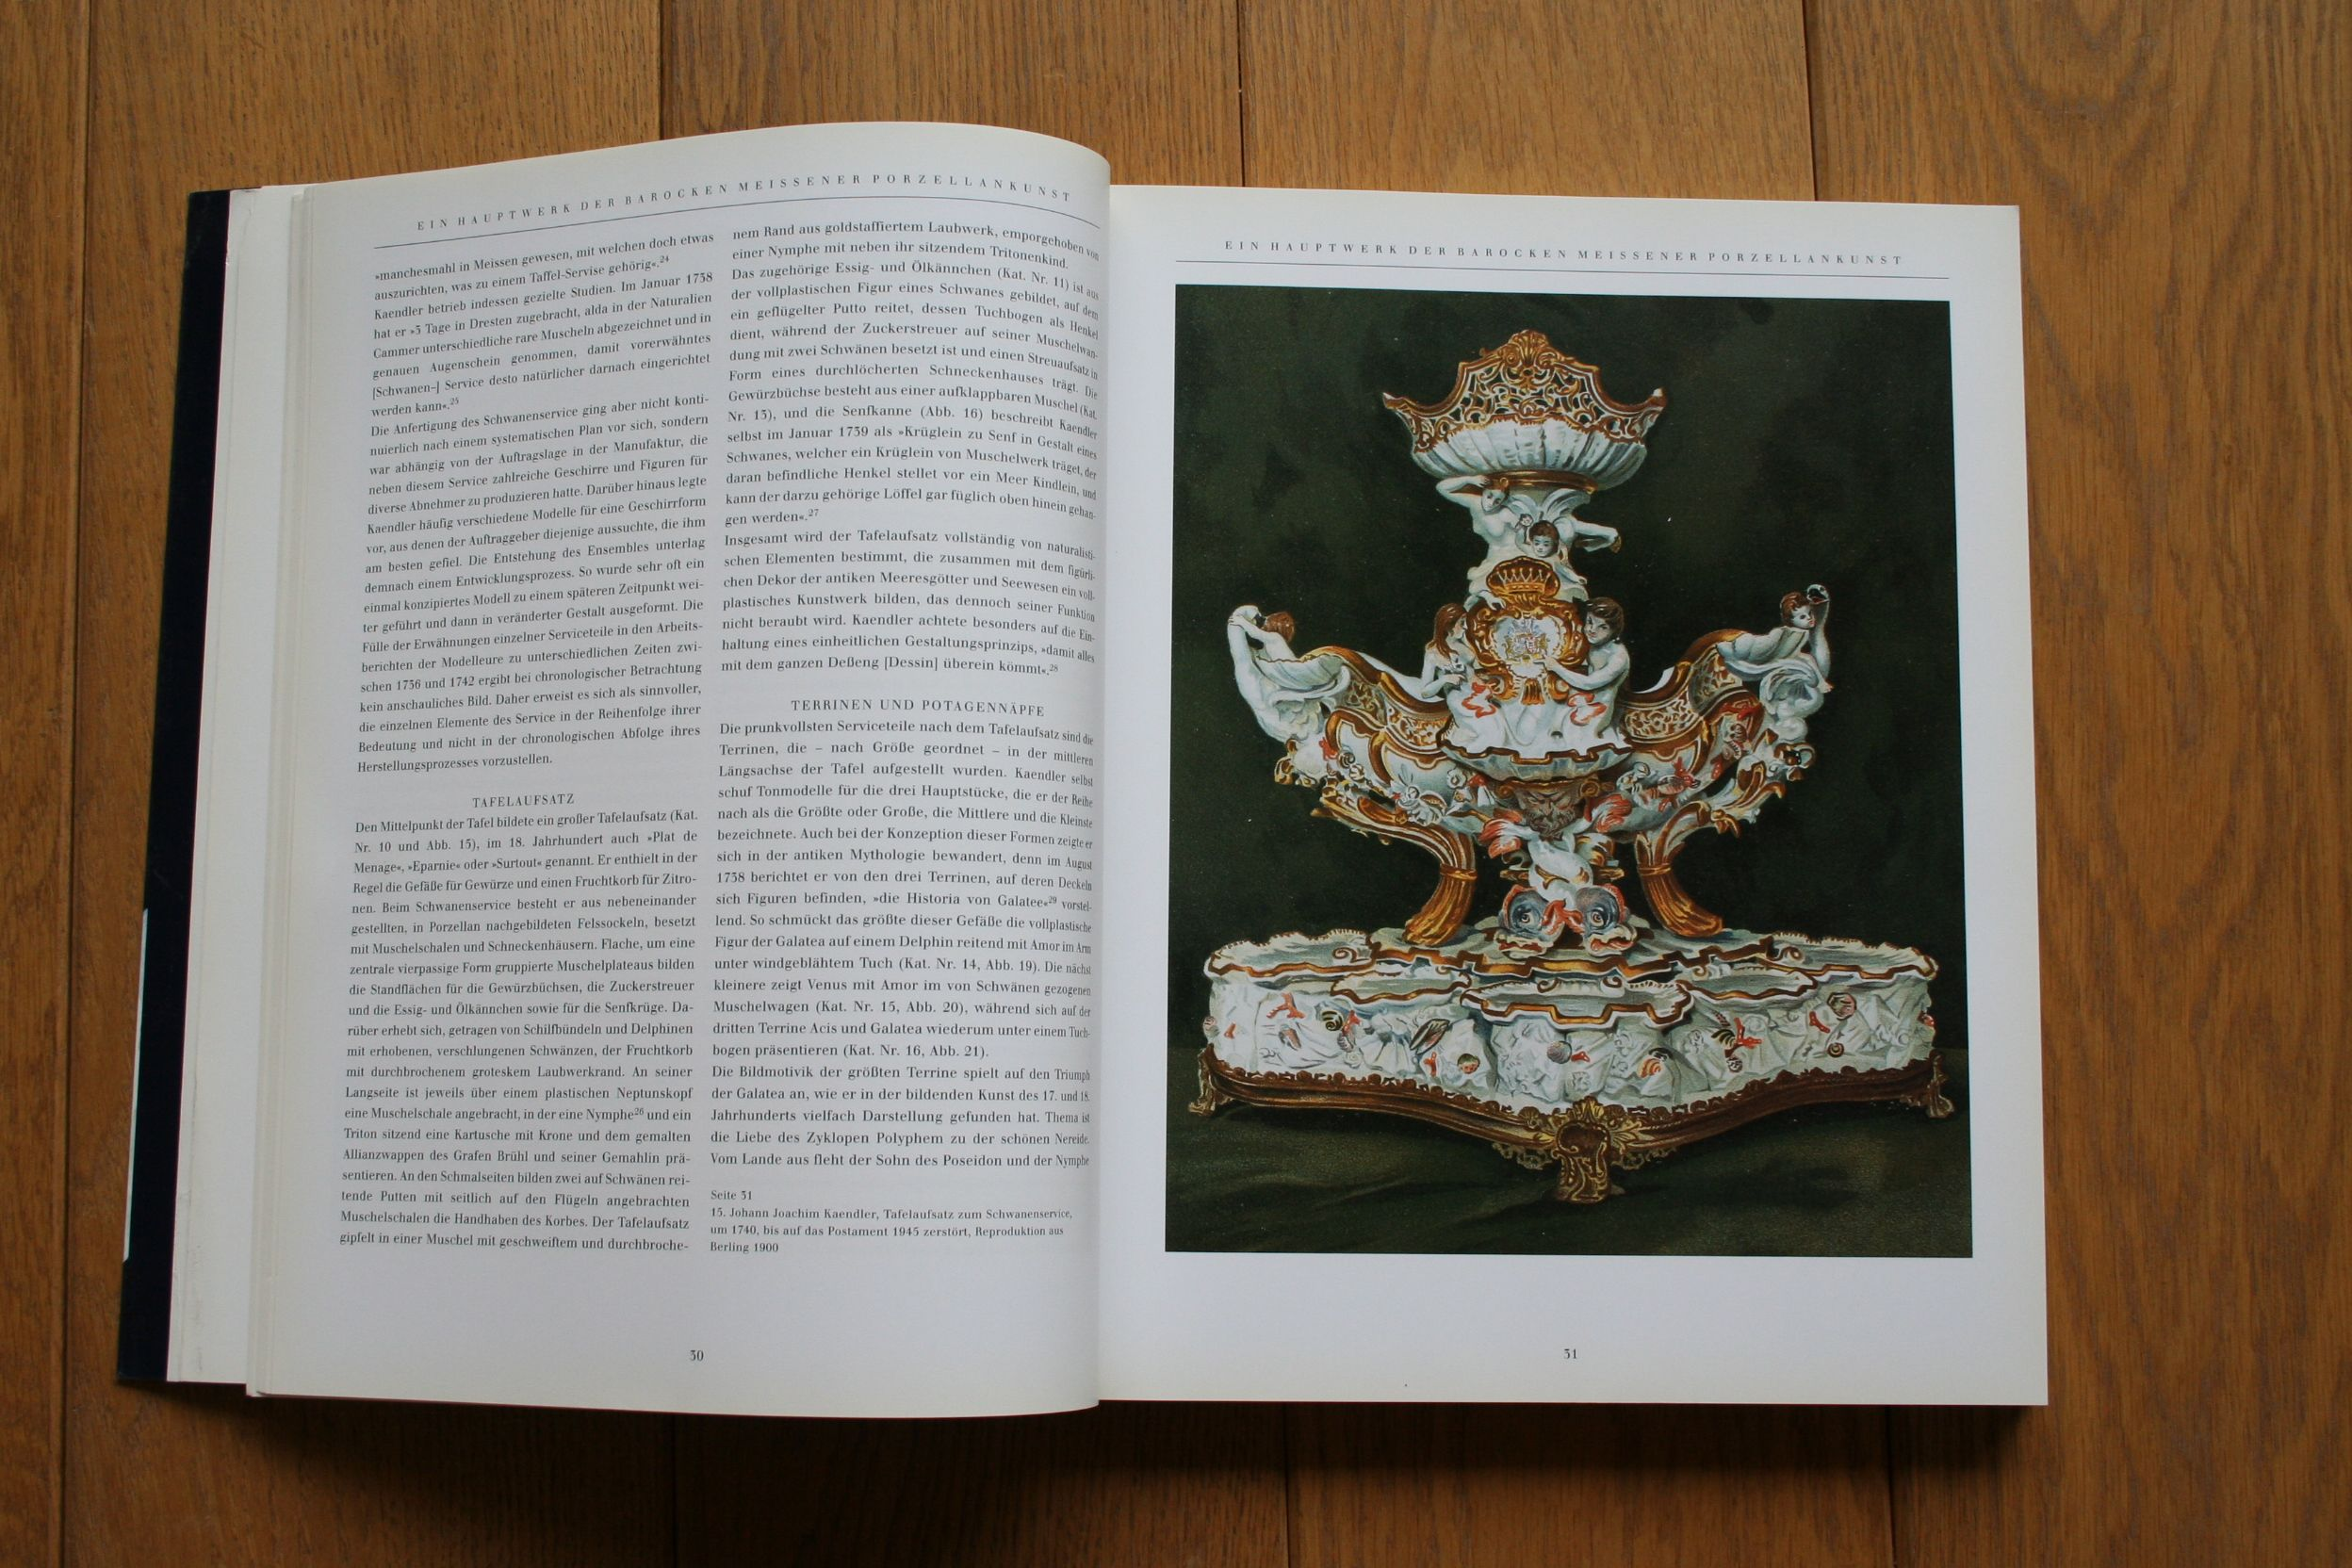 Catalogue de l'exposition de Dresde en 2000 consacrée au